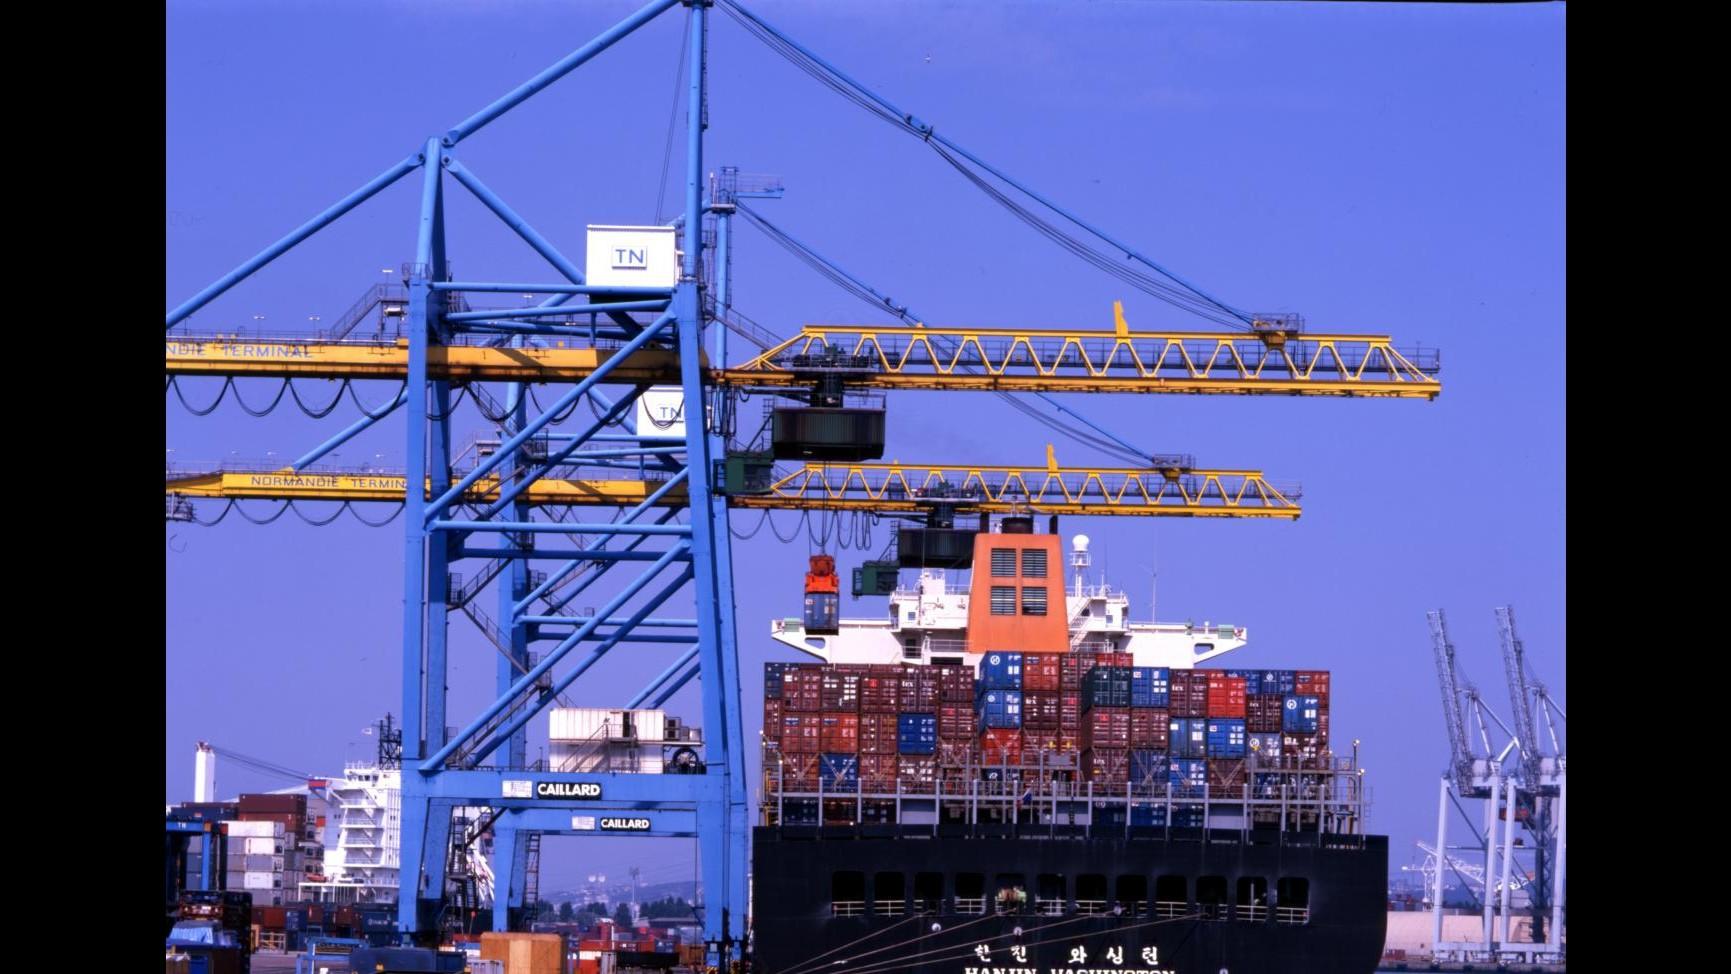 Istat: Ad agosto calo esportazioni -3,2% e importazioni -2,6%, flessione vendite extra Ue